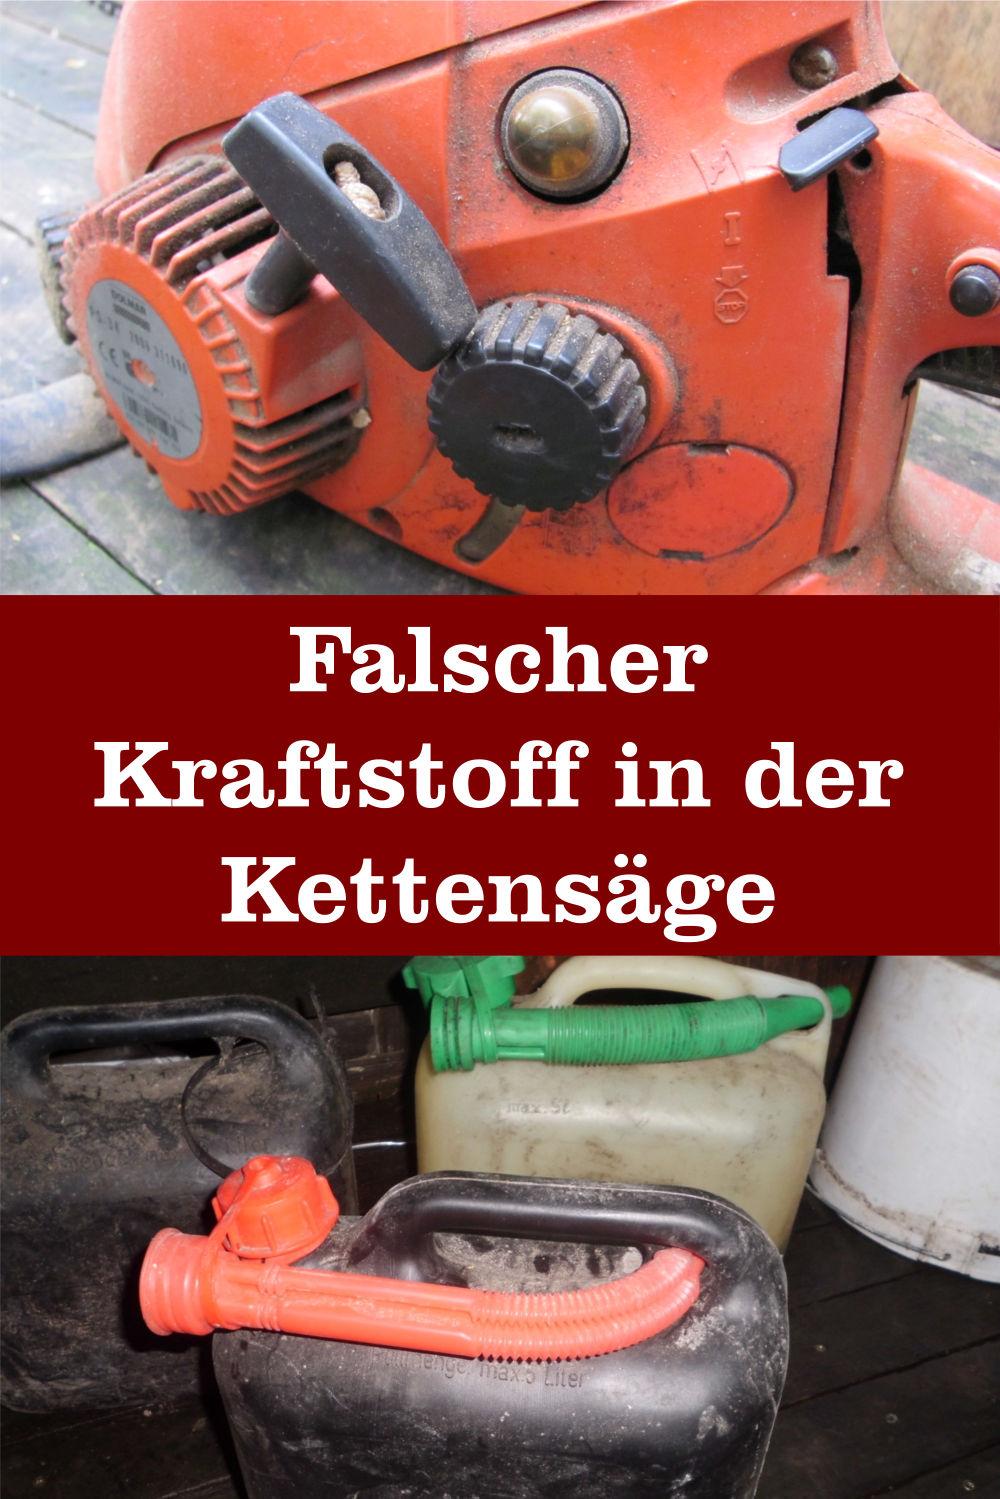 Lieblings Falscher Kraftstoff in der Motorsäge › Kettensäge Ratgeber #XB_67